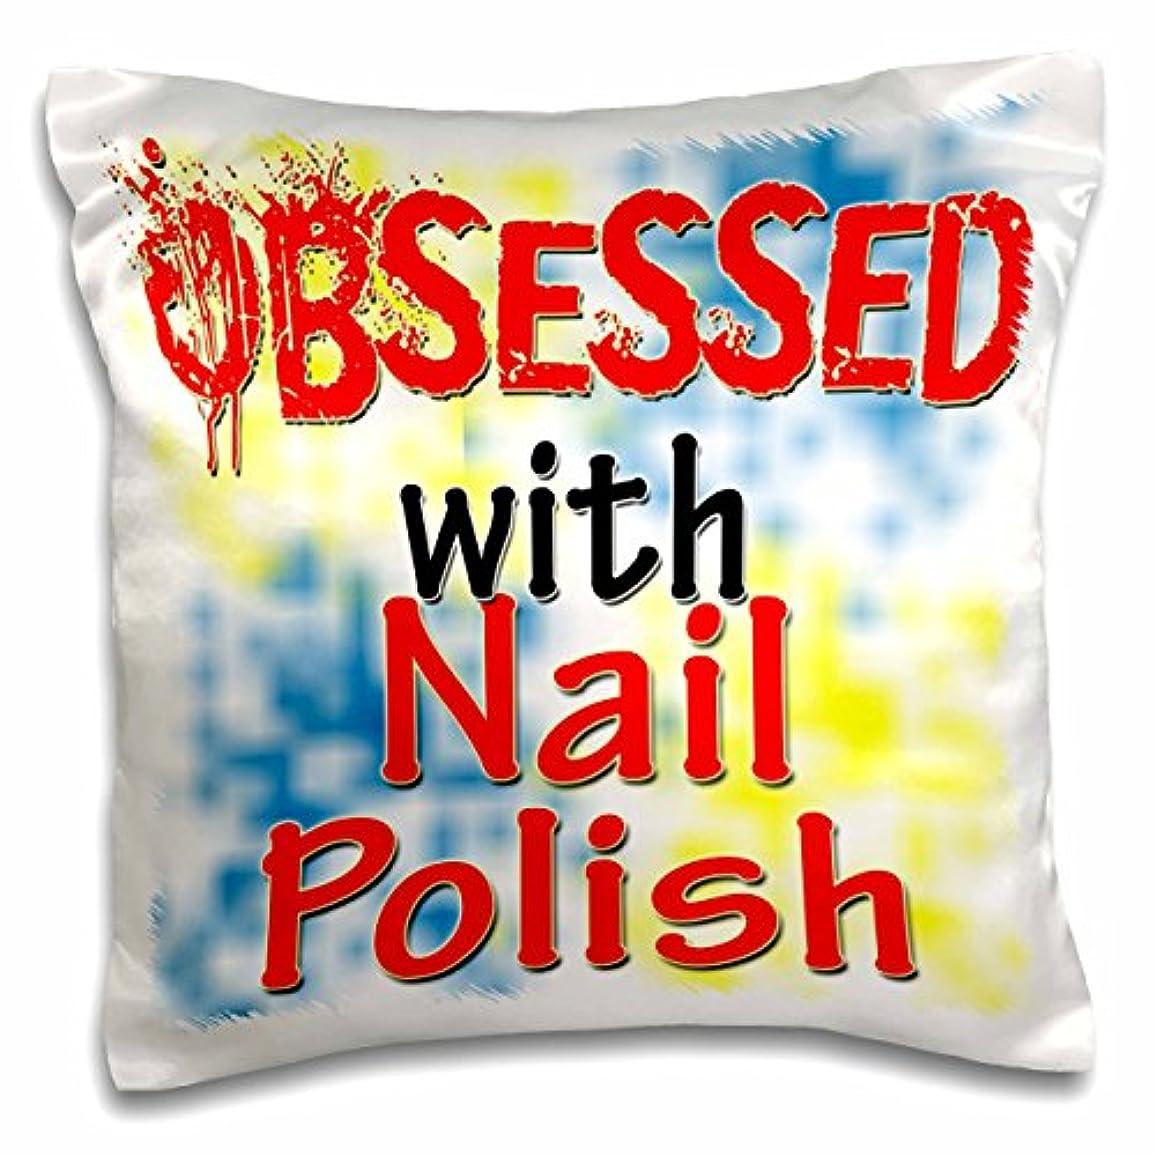 苦努力ヘルメット3droseブロンドDesigns Obsessed with – Obsessed with Nail Polish – 枕ケース 16